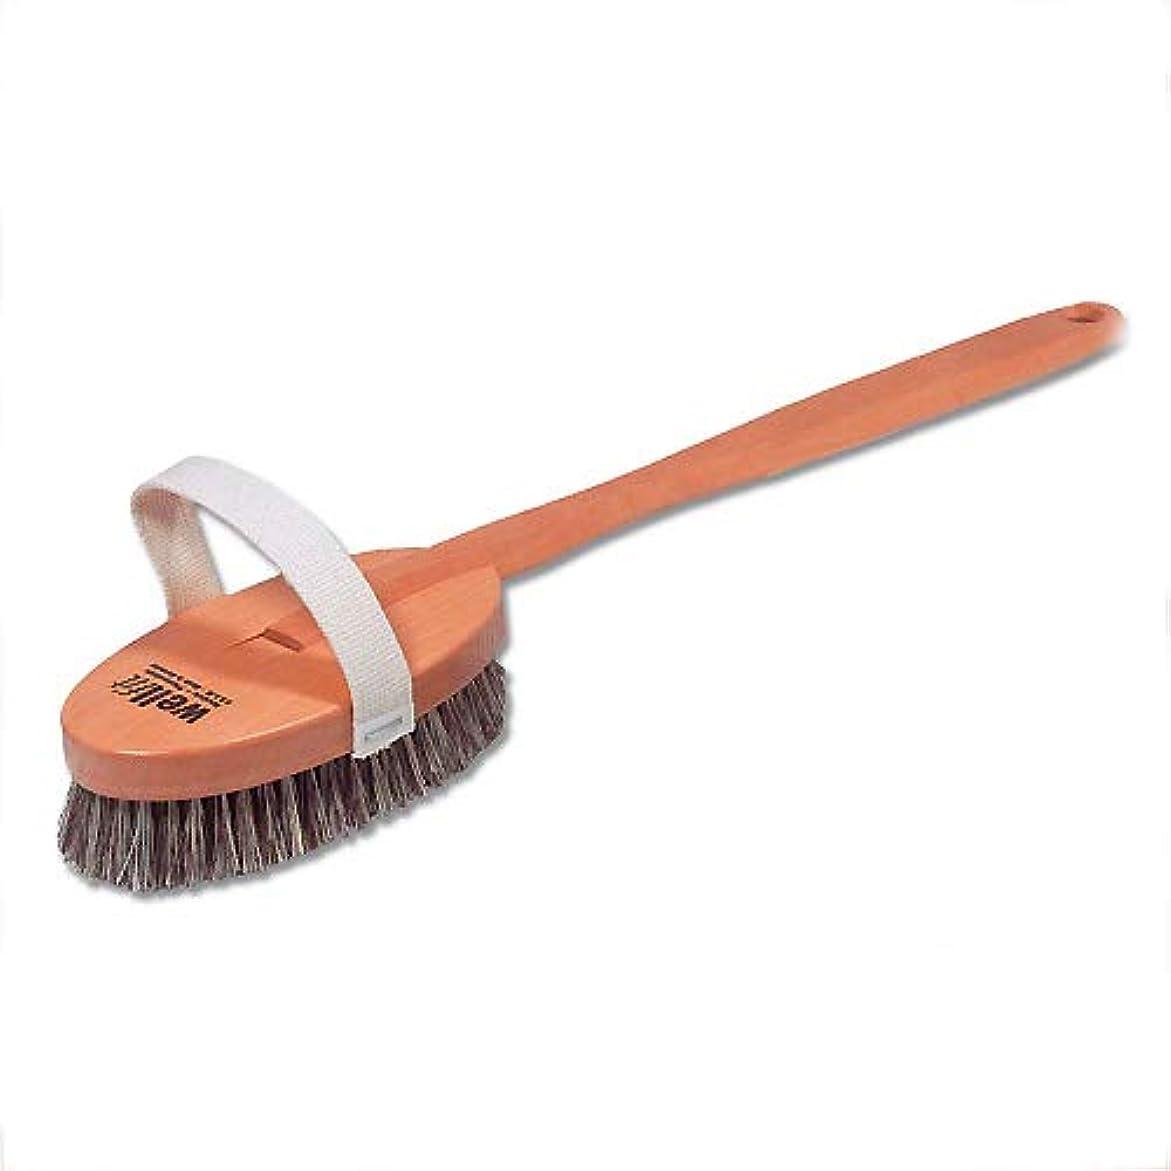 常識恐ろしい検出器Redecker レデッカー ボディブラシ(ミディアムハード 馬毛と植物毛の混毛植毛) 正規品